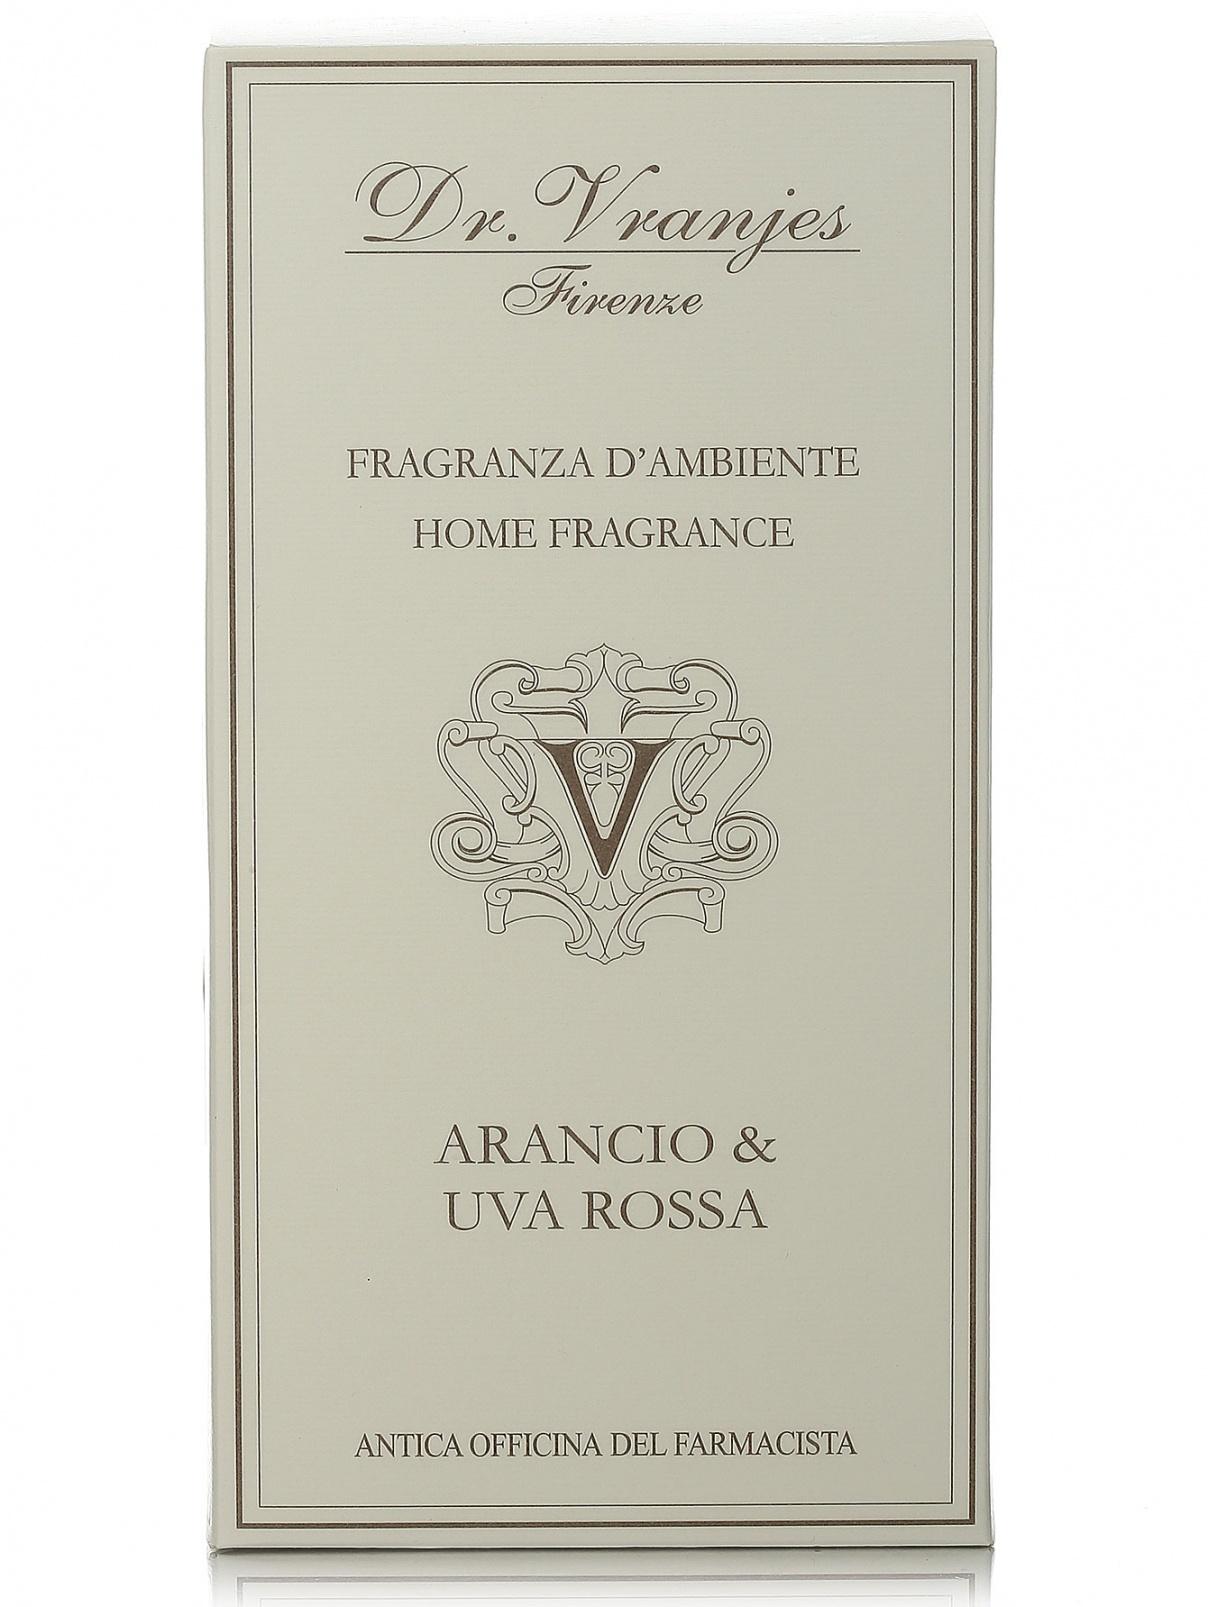 Ароматизатор воздуха Arancio & Uva Rossa -  Home Fragrance, 500ml Dr. Vranjes  –  Модель Общий вид